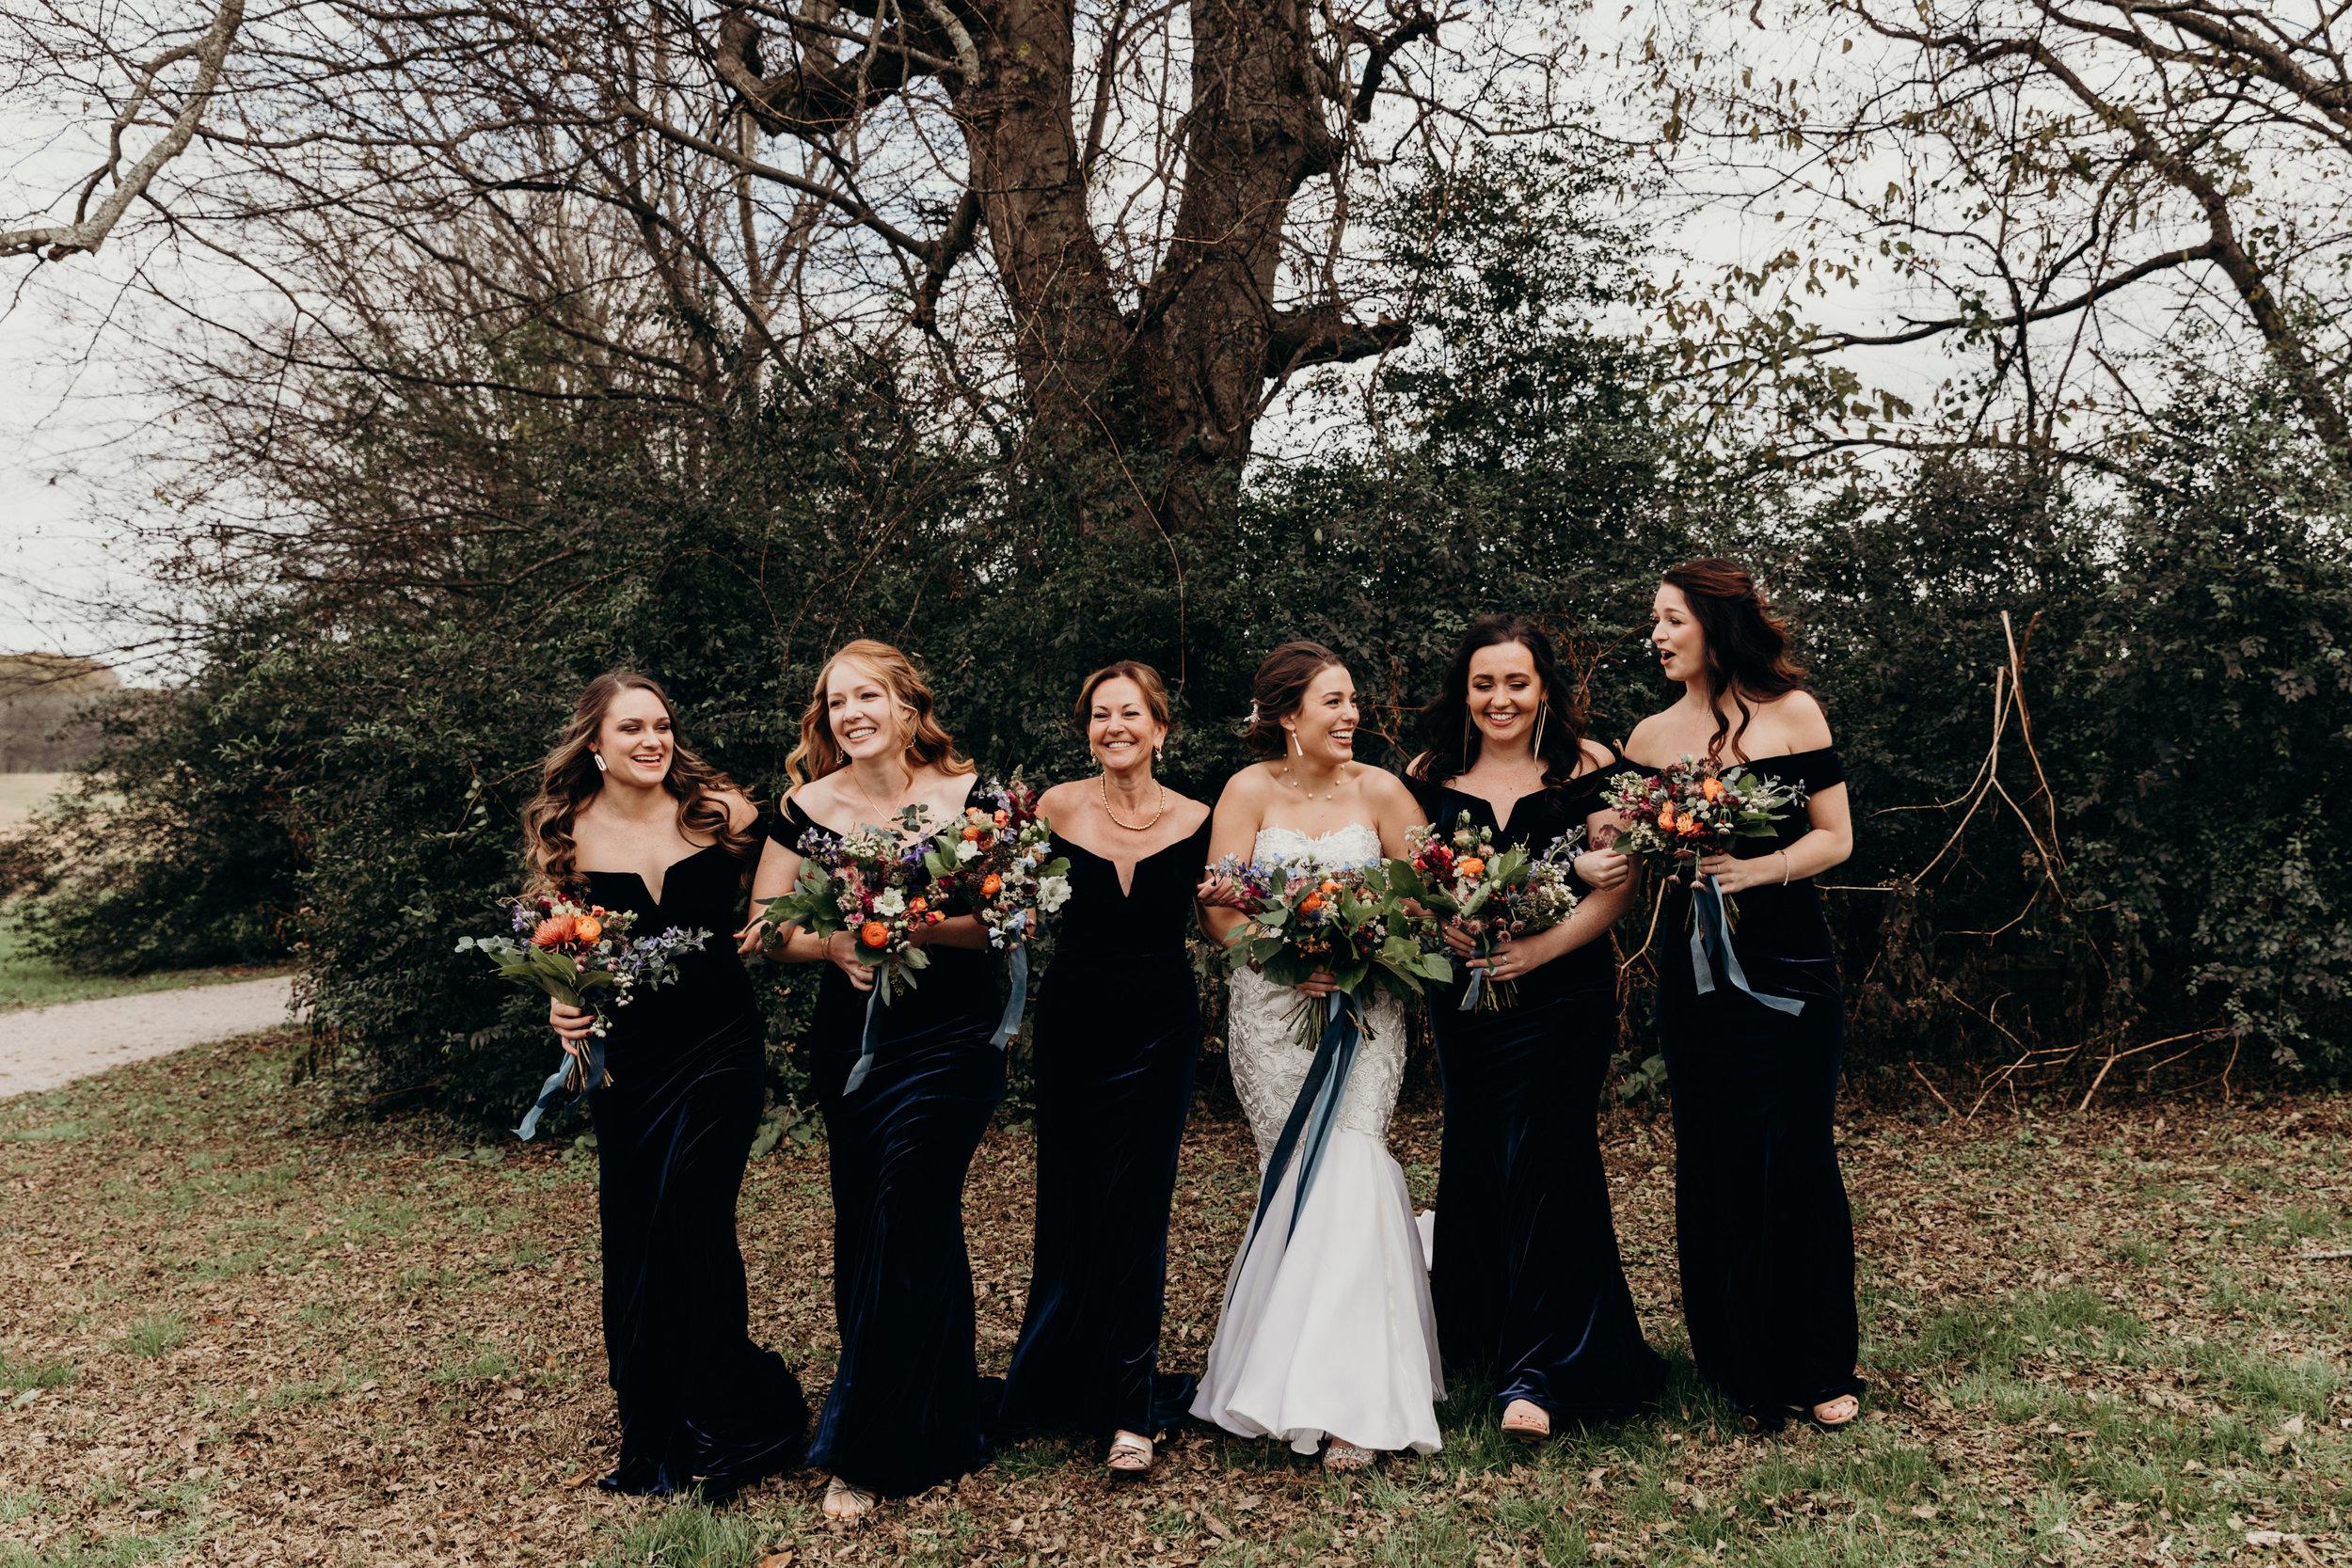 310-ltw-morgan-adam-wedding.jpg